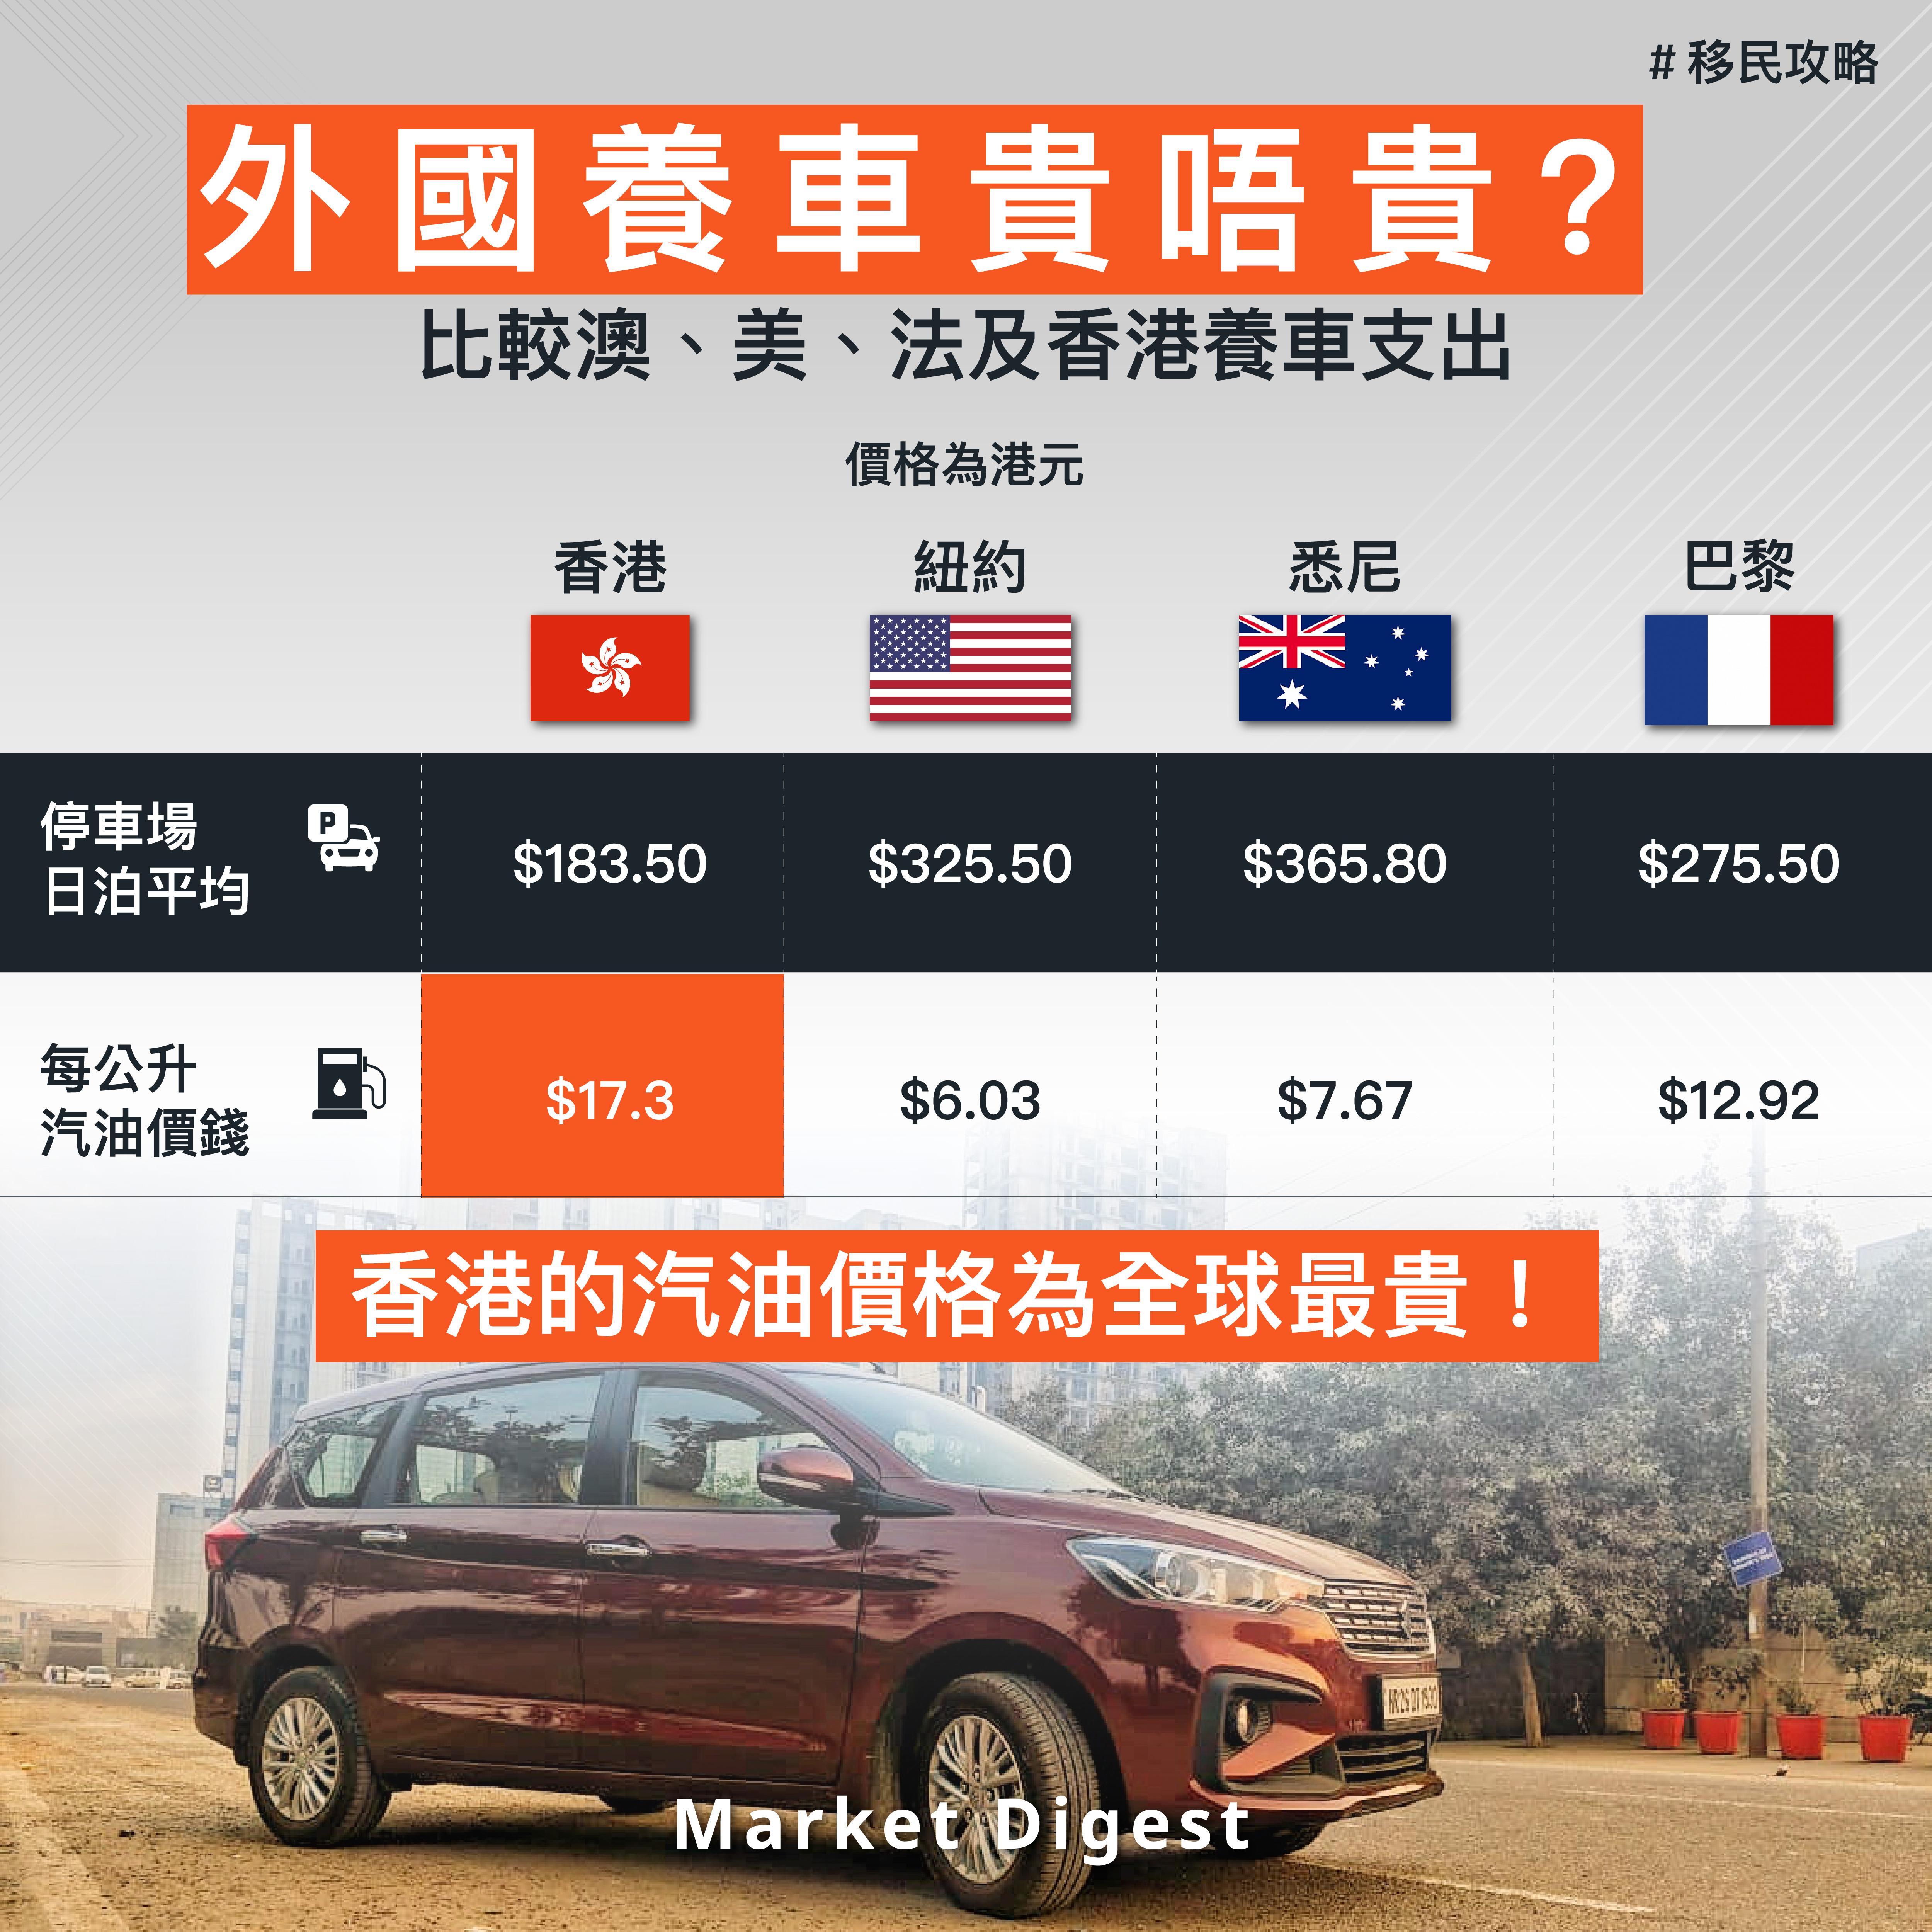 【移民攻略】外國養車貴唔貴? 比較澳、美、法及香港養車支出